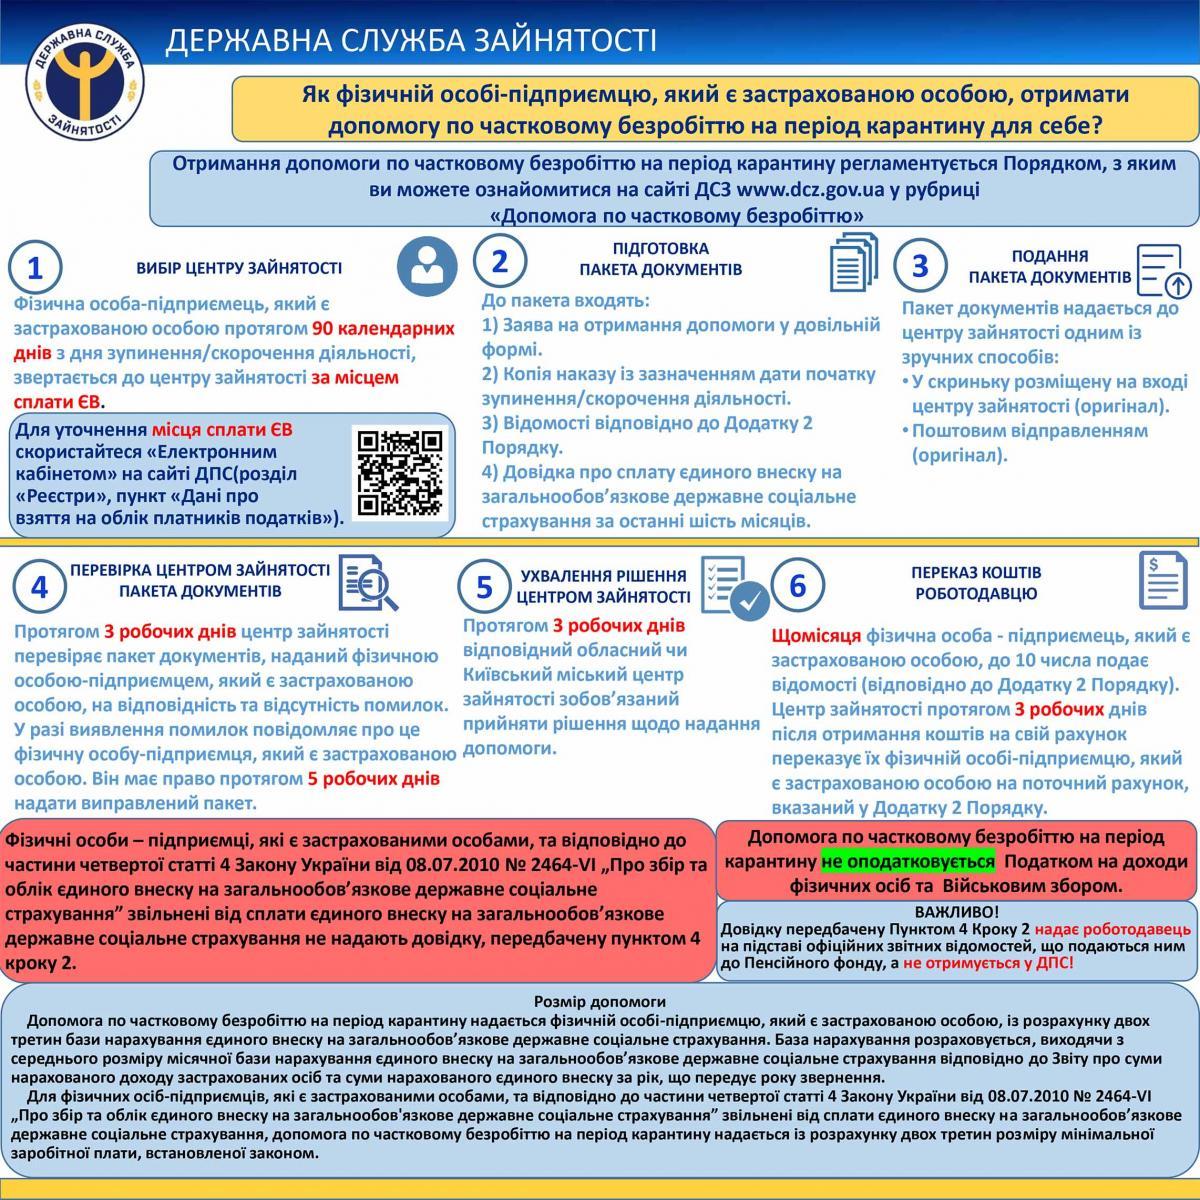 інфографіка центру зайнятості (dcz.gov.ua)